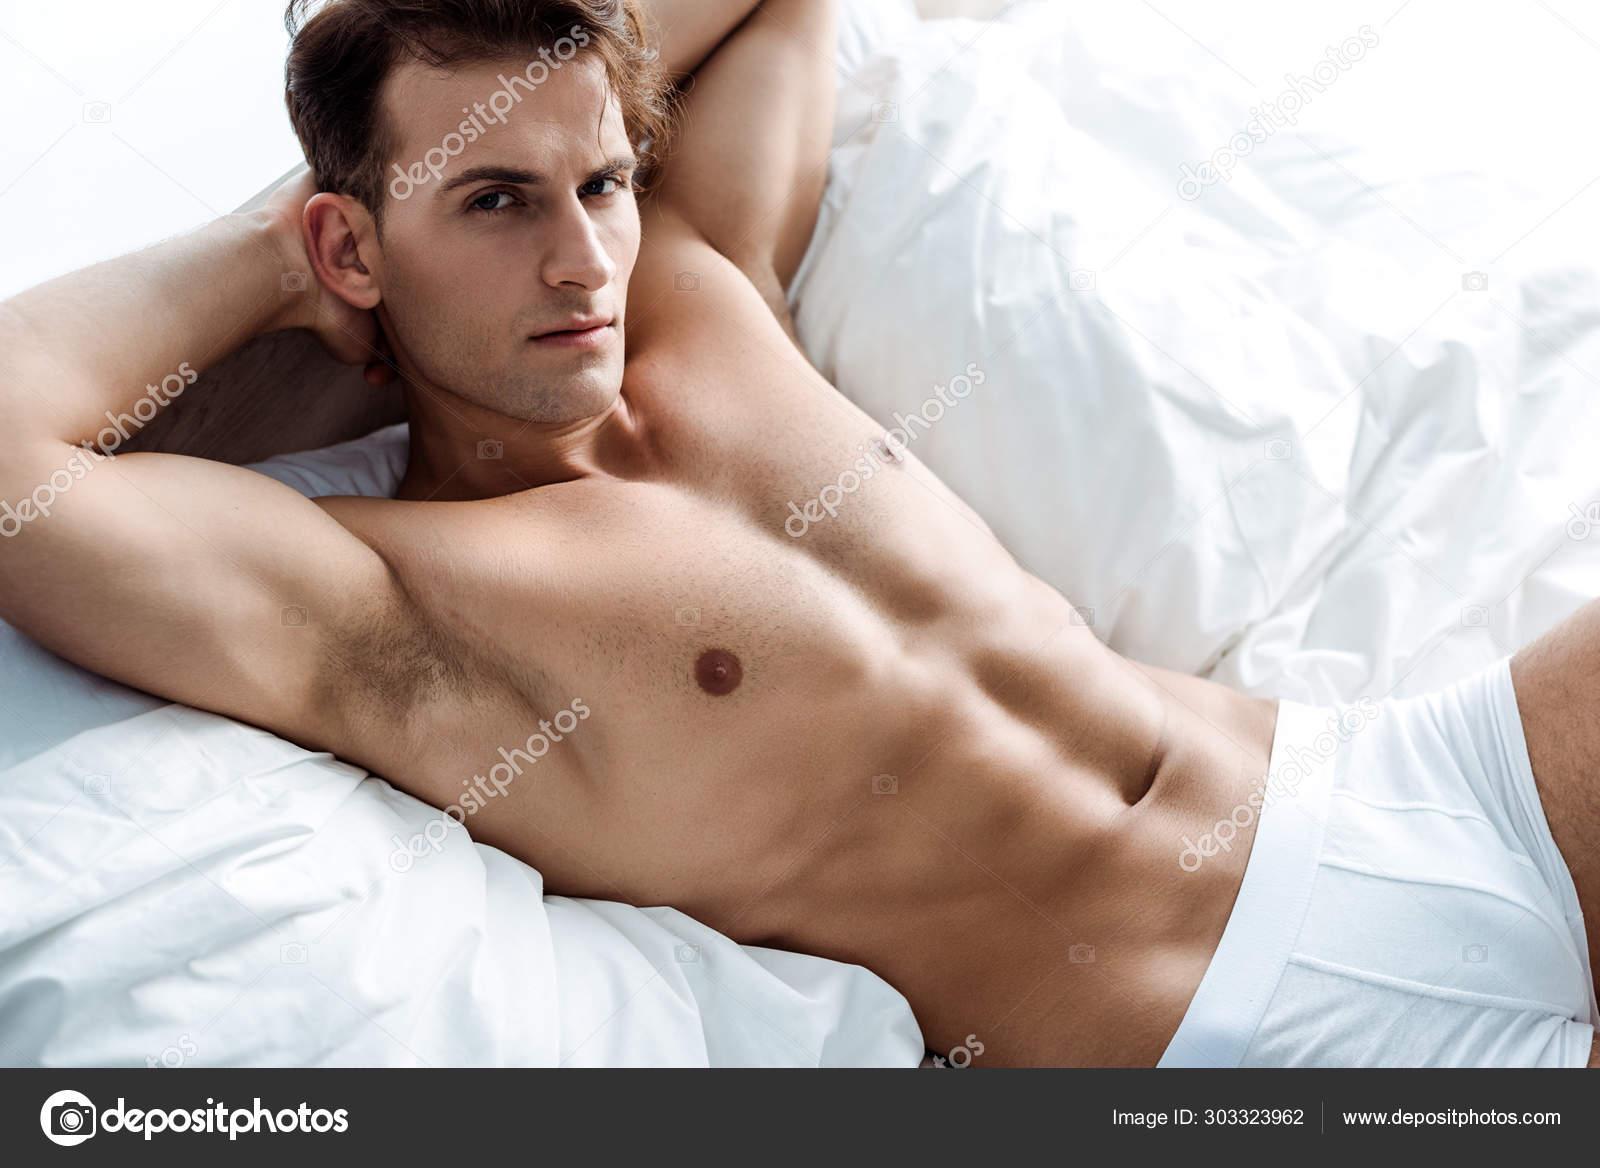 Man www com sexy Sexiest Man